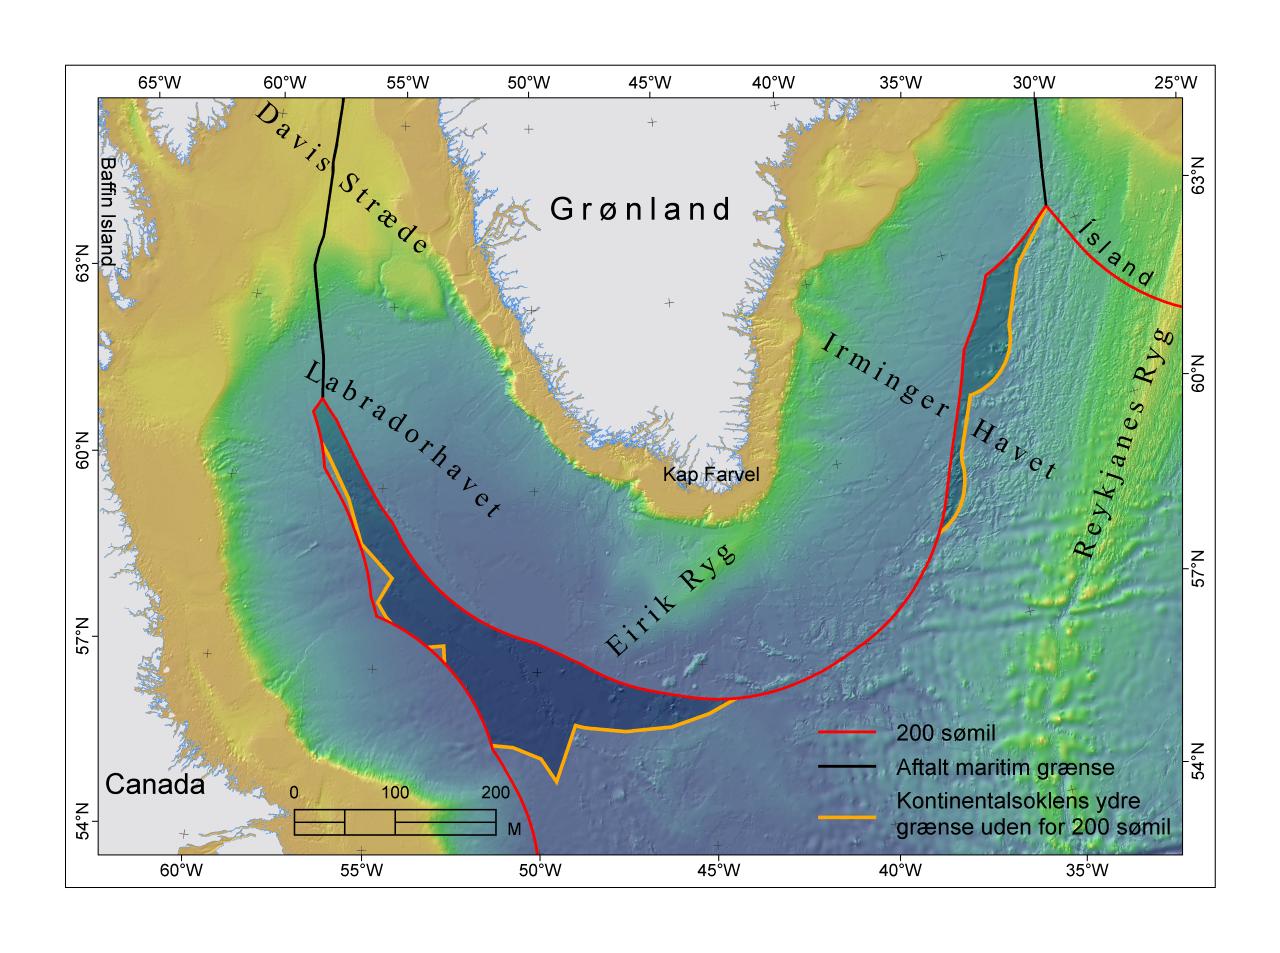 Området syd for Grønland